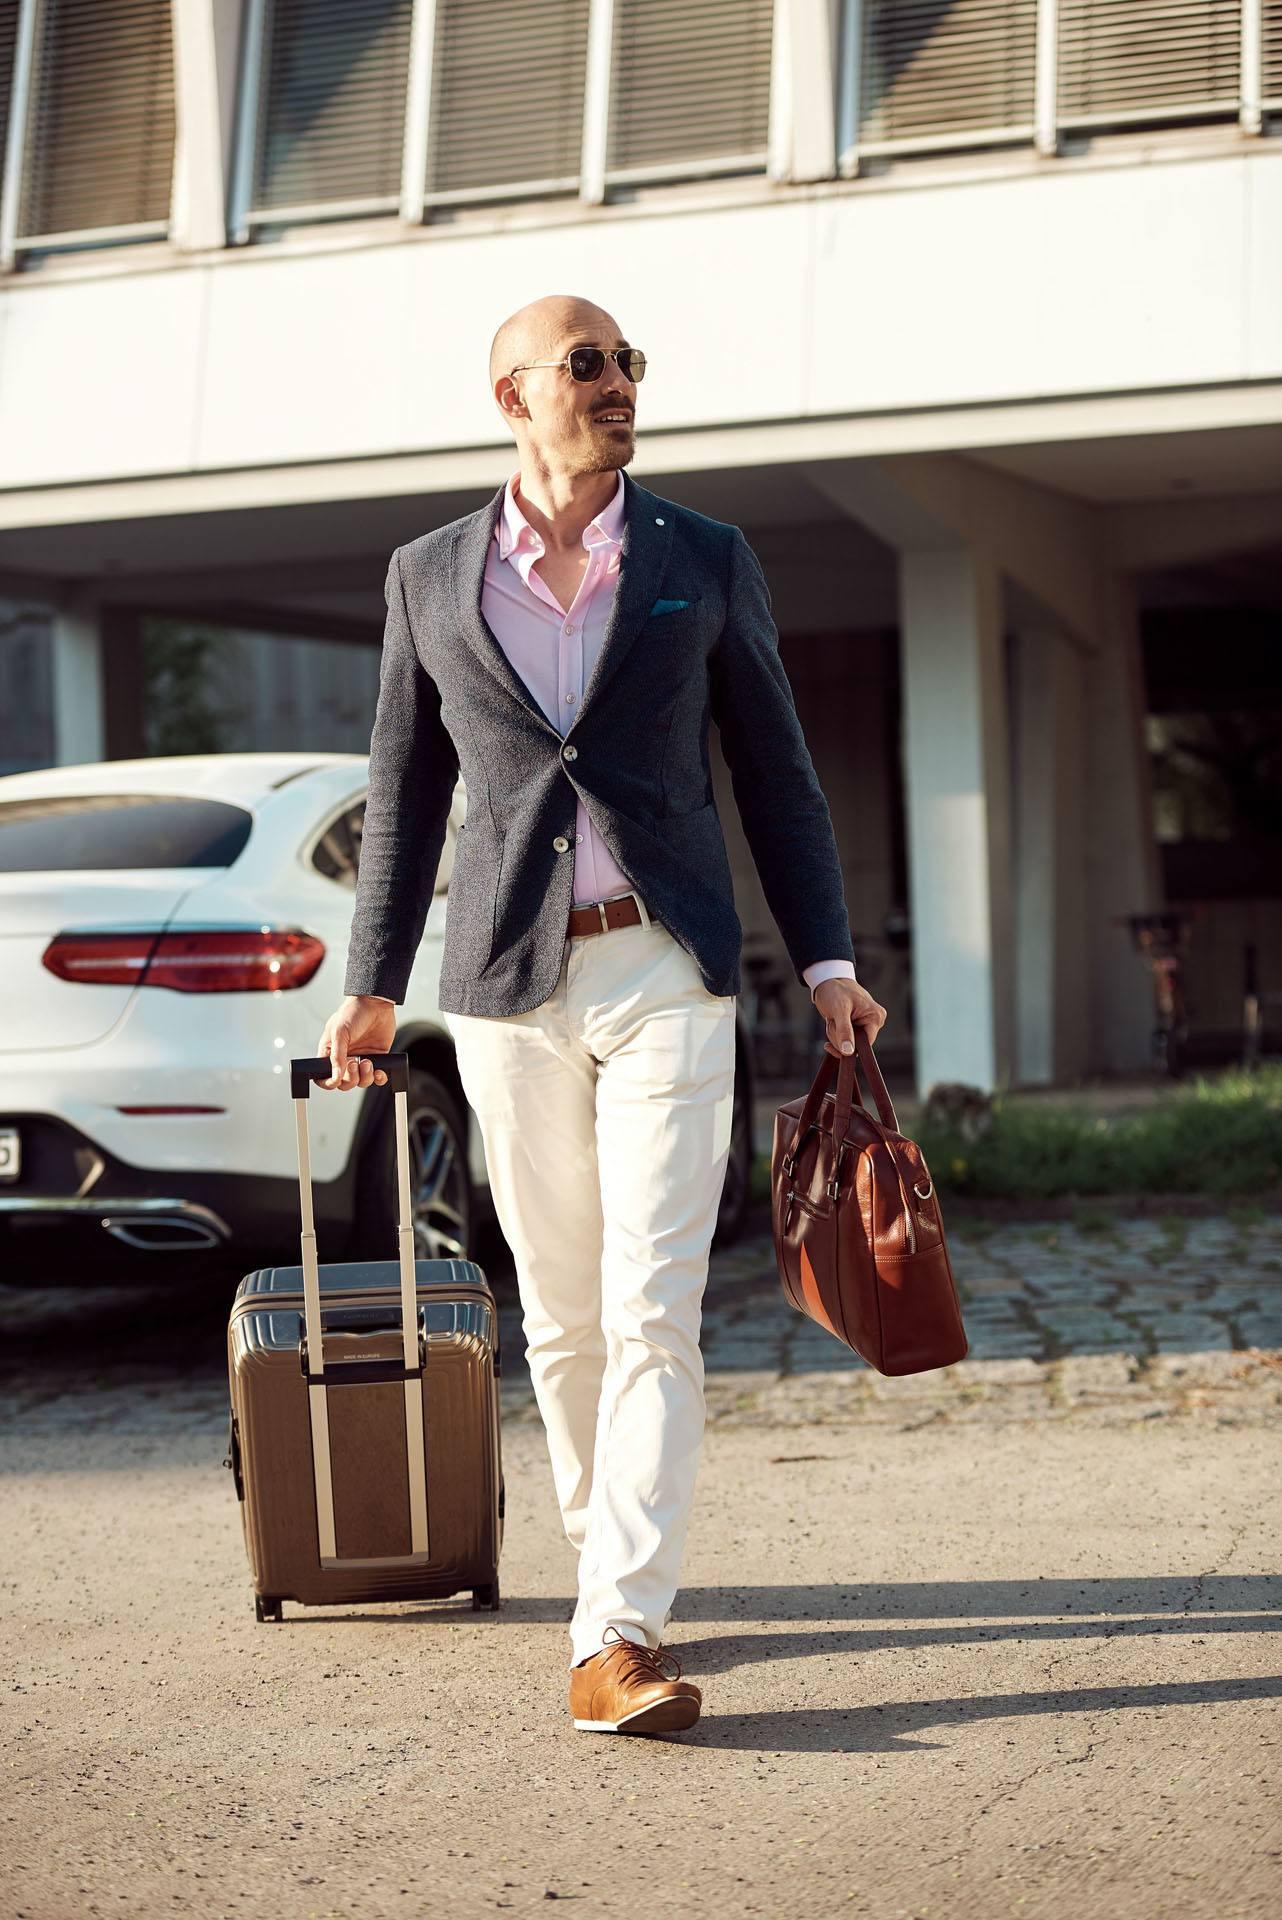 junger Mann mit Sonnenbrille, Anzug und Rollkoffer vor teurem weißen Auto